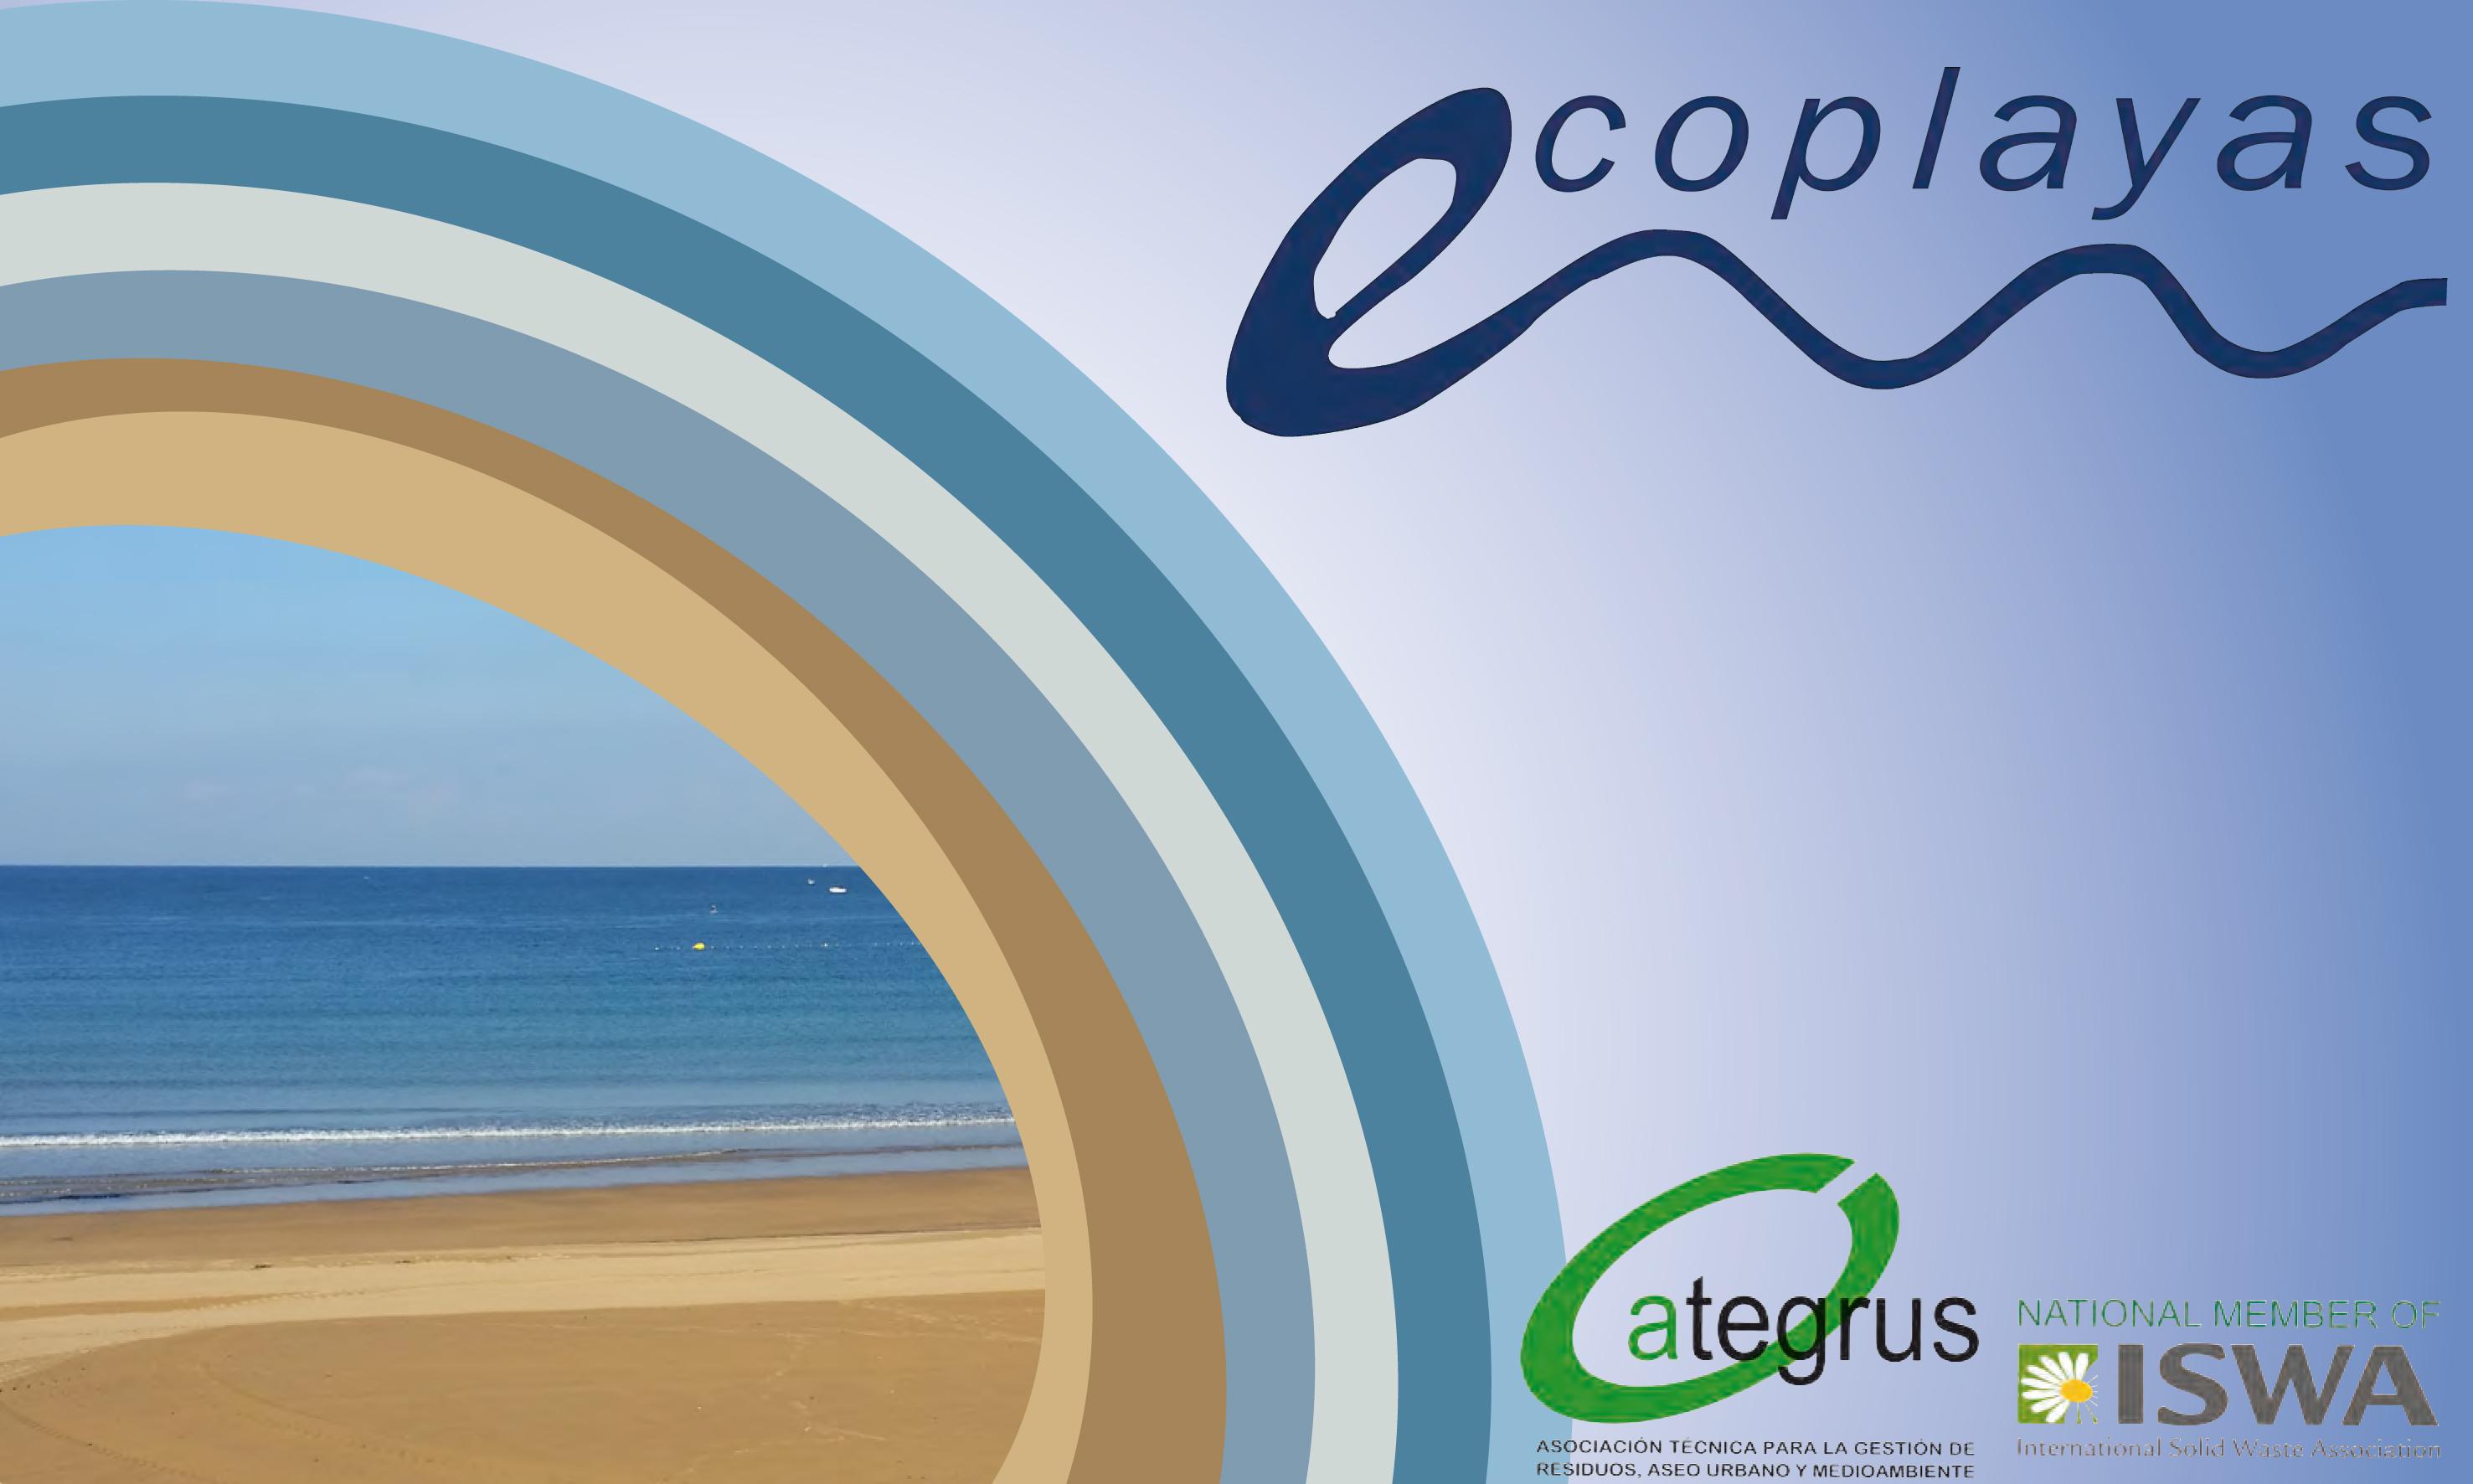 Bandera Ecoplayas 2016 para las playas de Chiclana